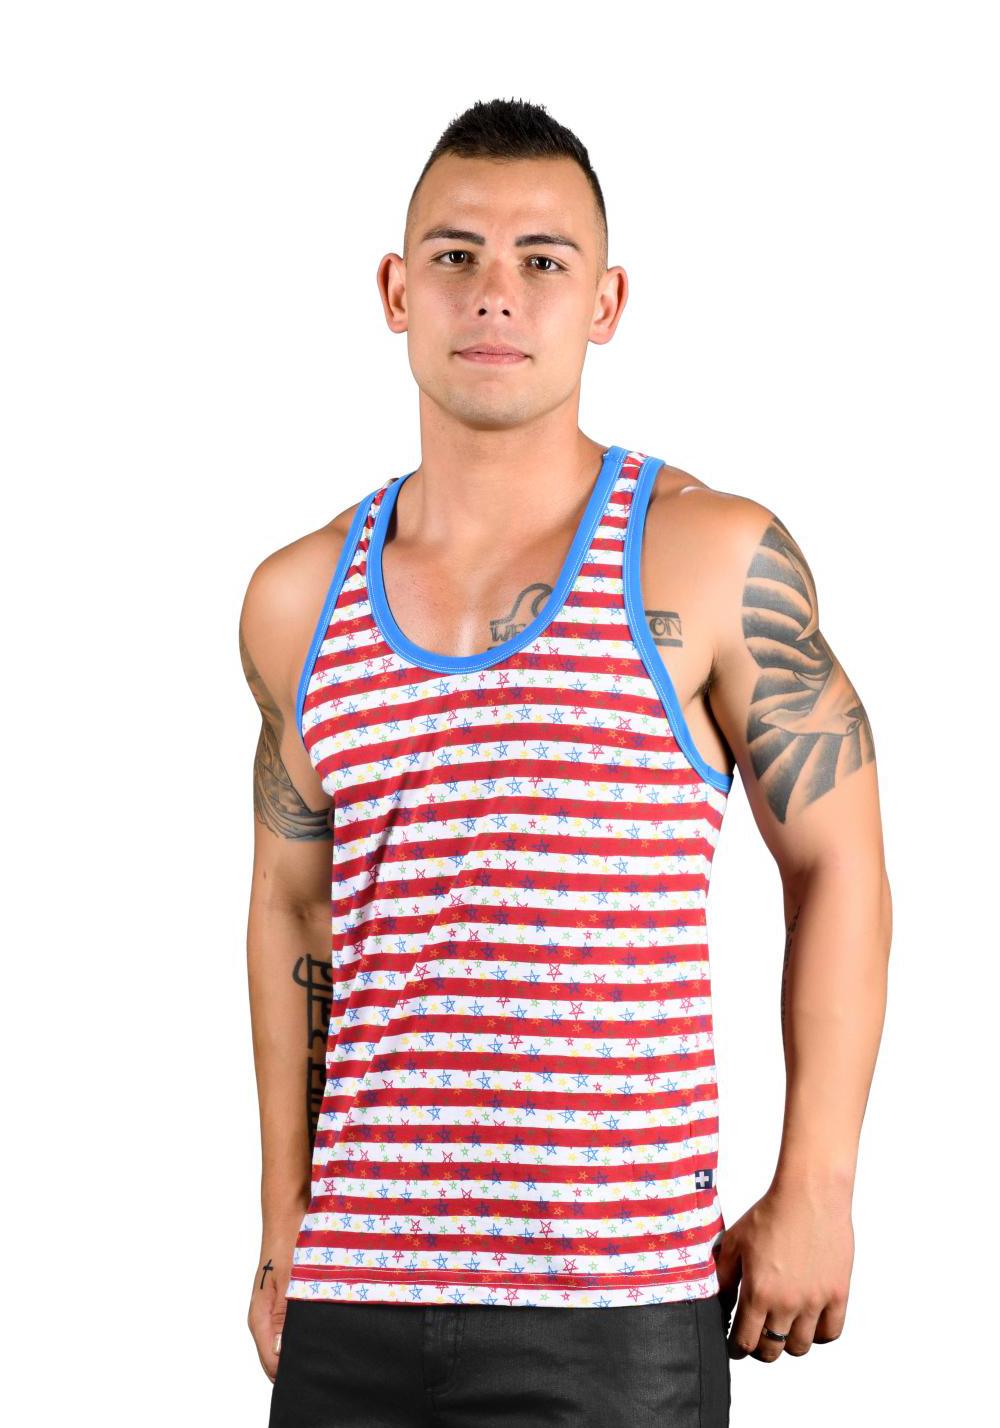 Andrew Christian Stars & Stripes Racer Back Tank